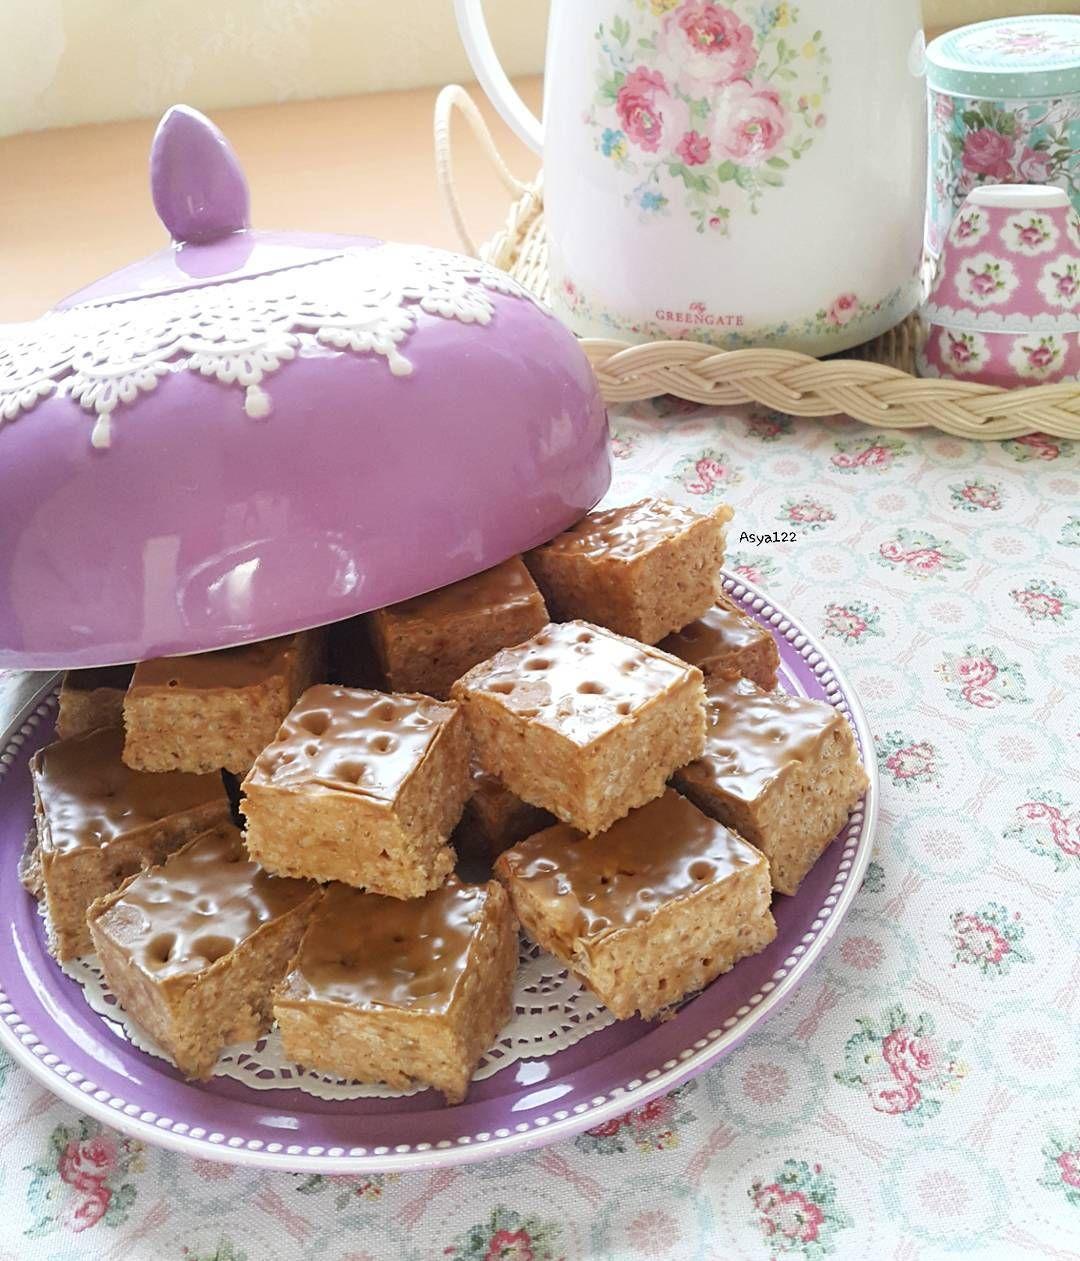 تطبيقي لوصفة Afnanetoo لوتس رايس كريسبي تحطين في جدر عميق غير قابل للالتصاق كيس مارشمالو صغار وزن ثلاثمائة غرام وأربع Desserts Sweet Gingerbread Cookies